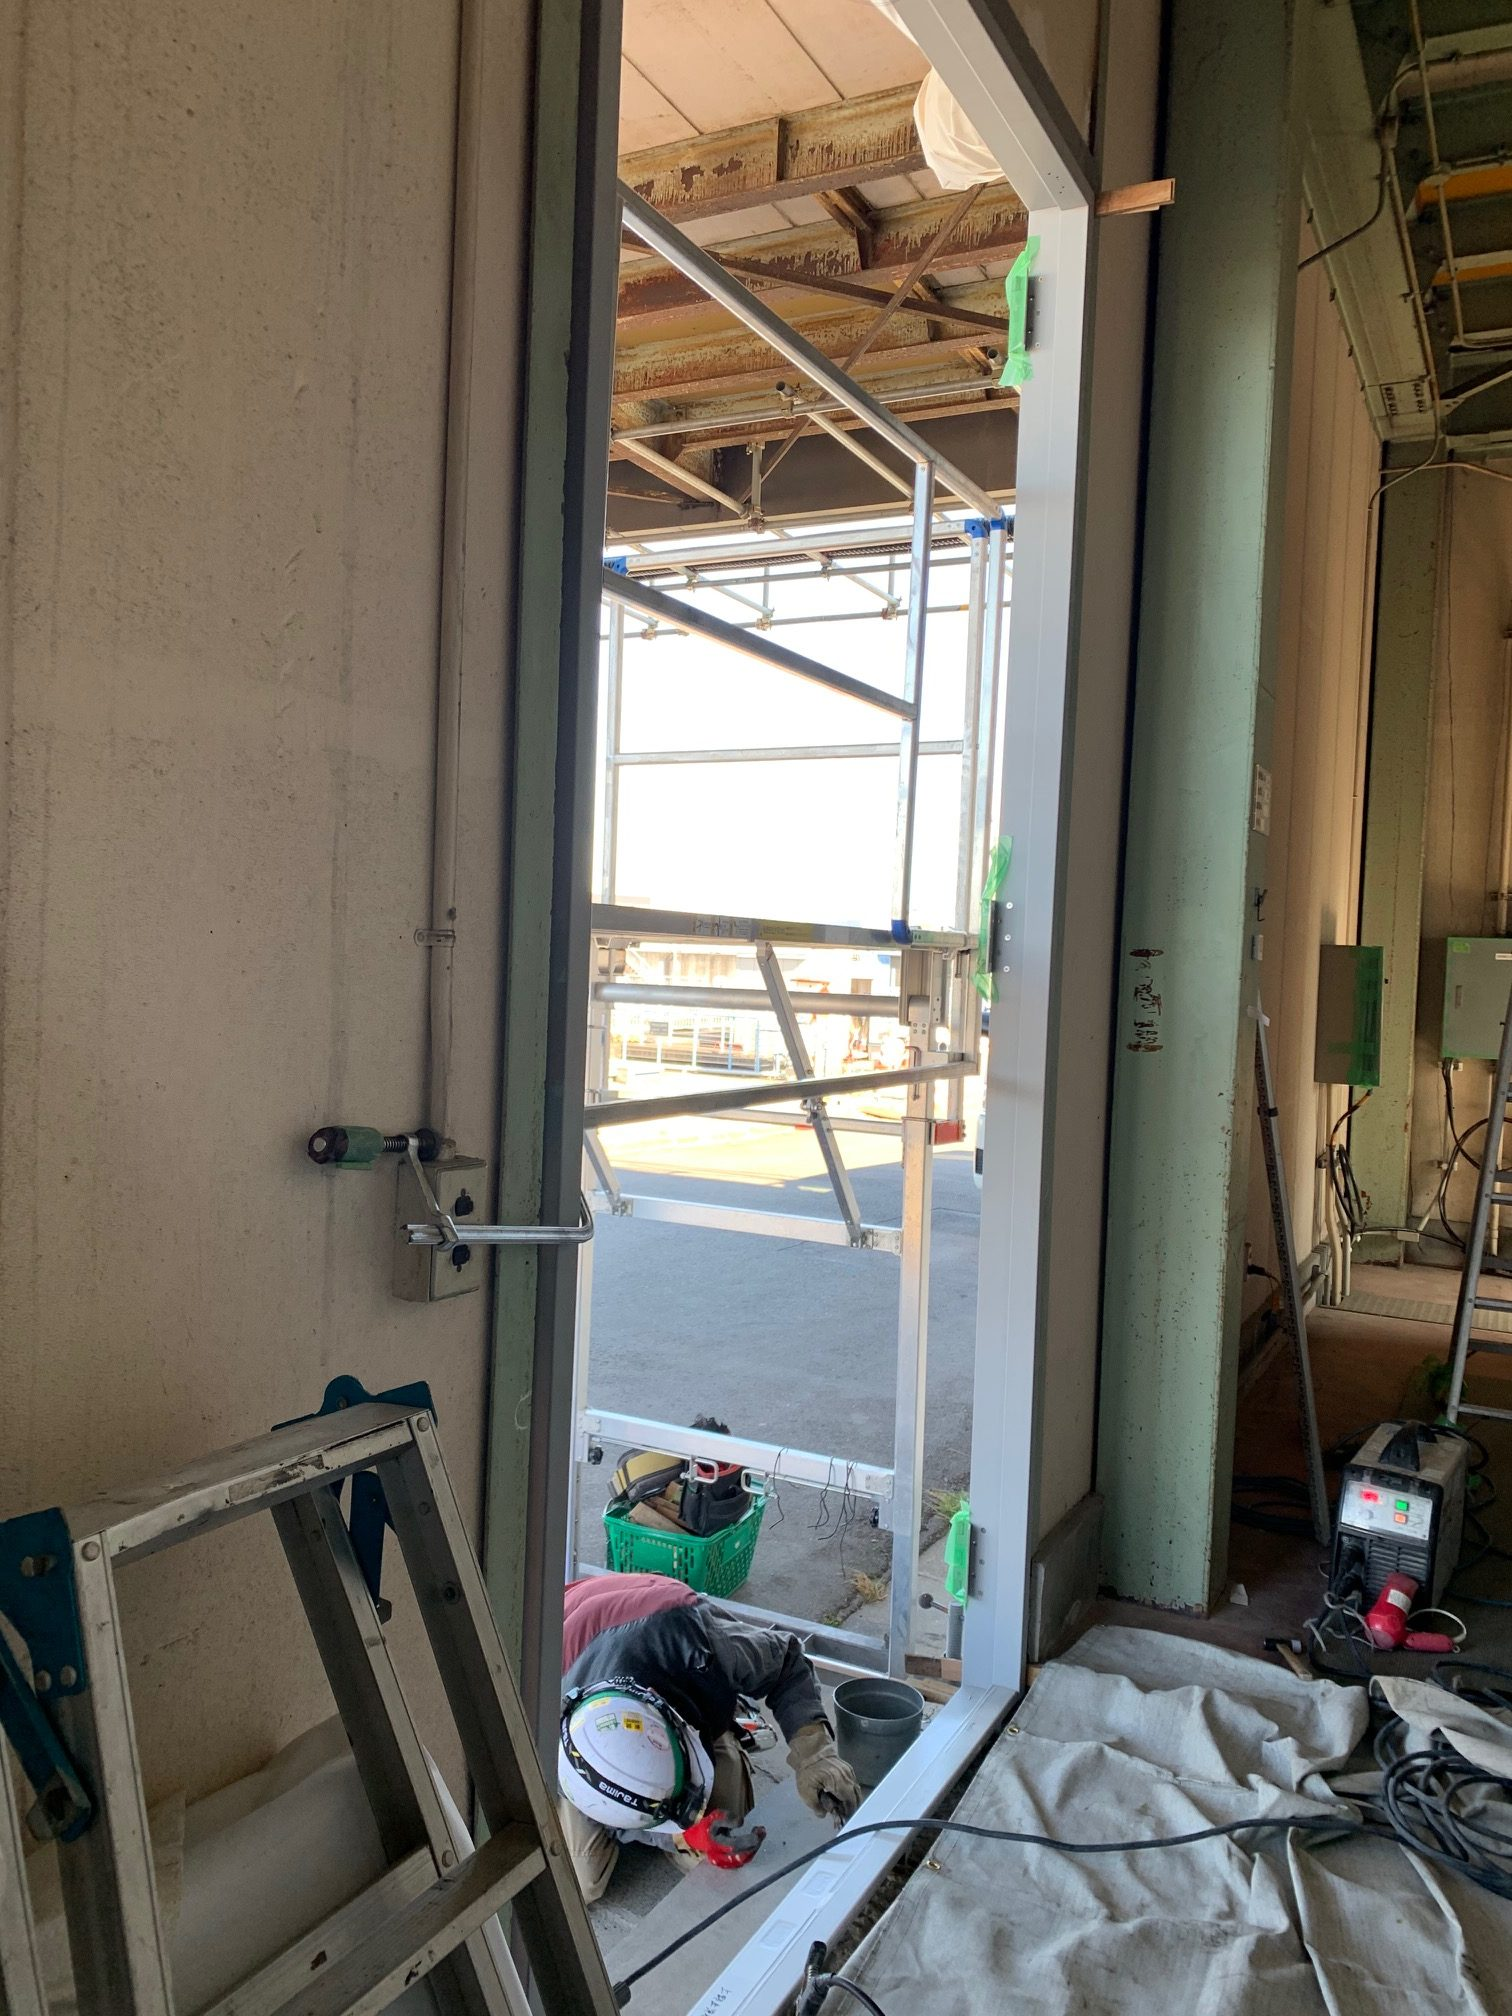 本日は、愛知県東海市の電源倉庫にて、鉄の扉を大きくする工事に入りました。